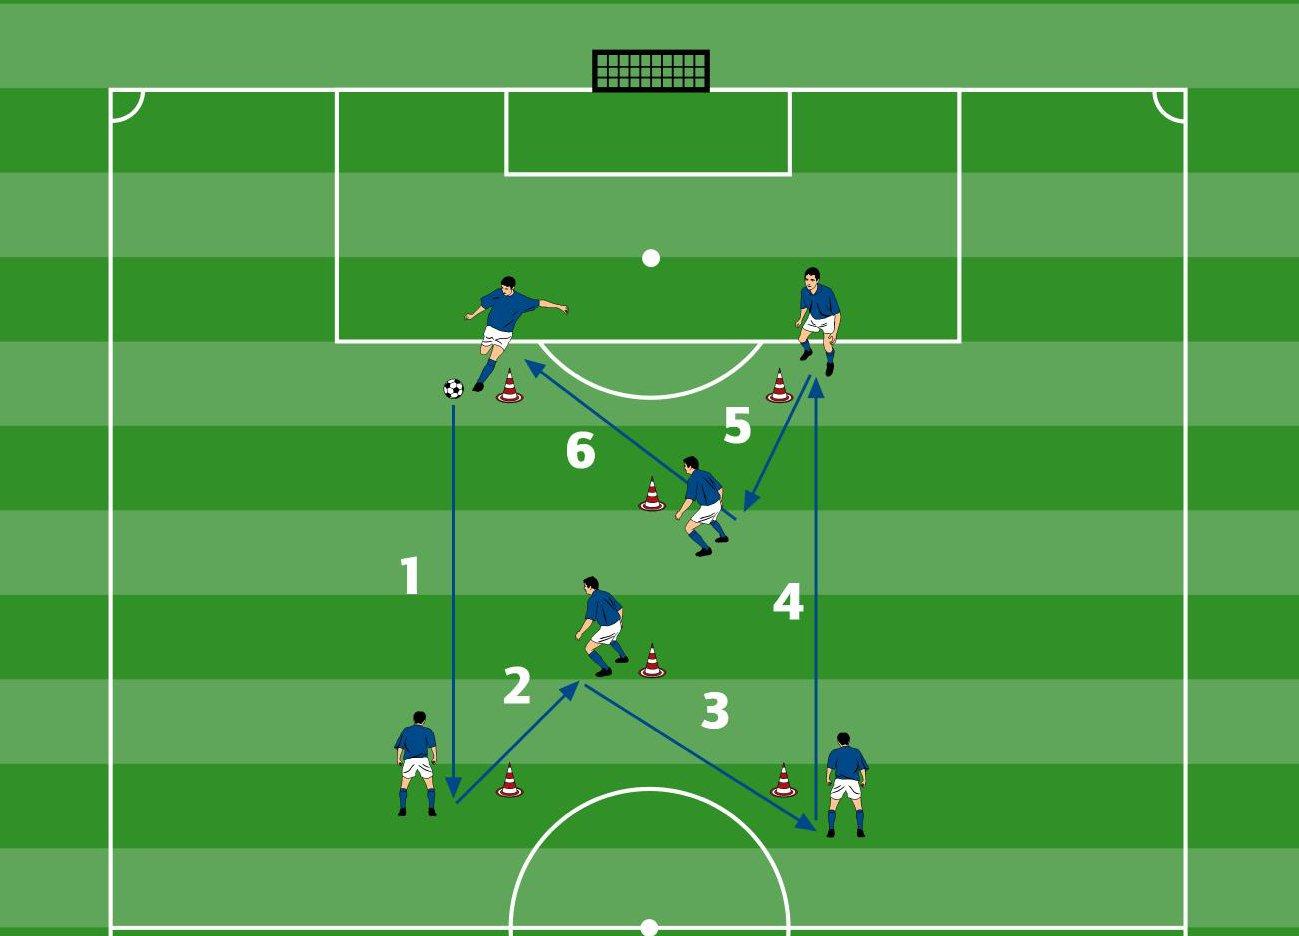 Doppelpass-Übung nach Positionen